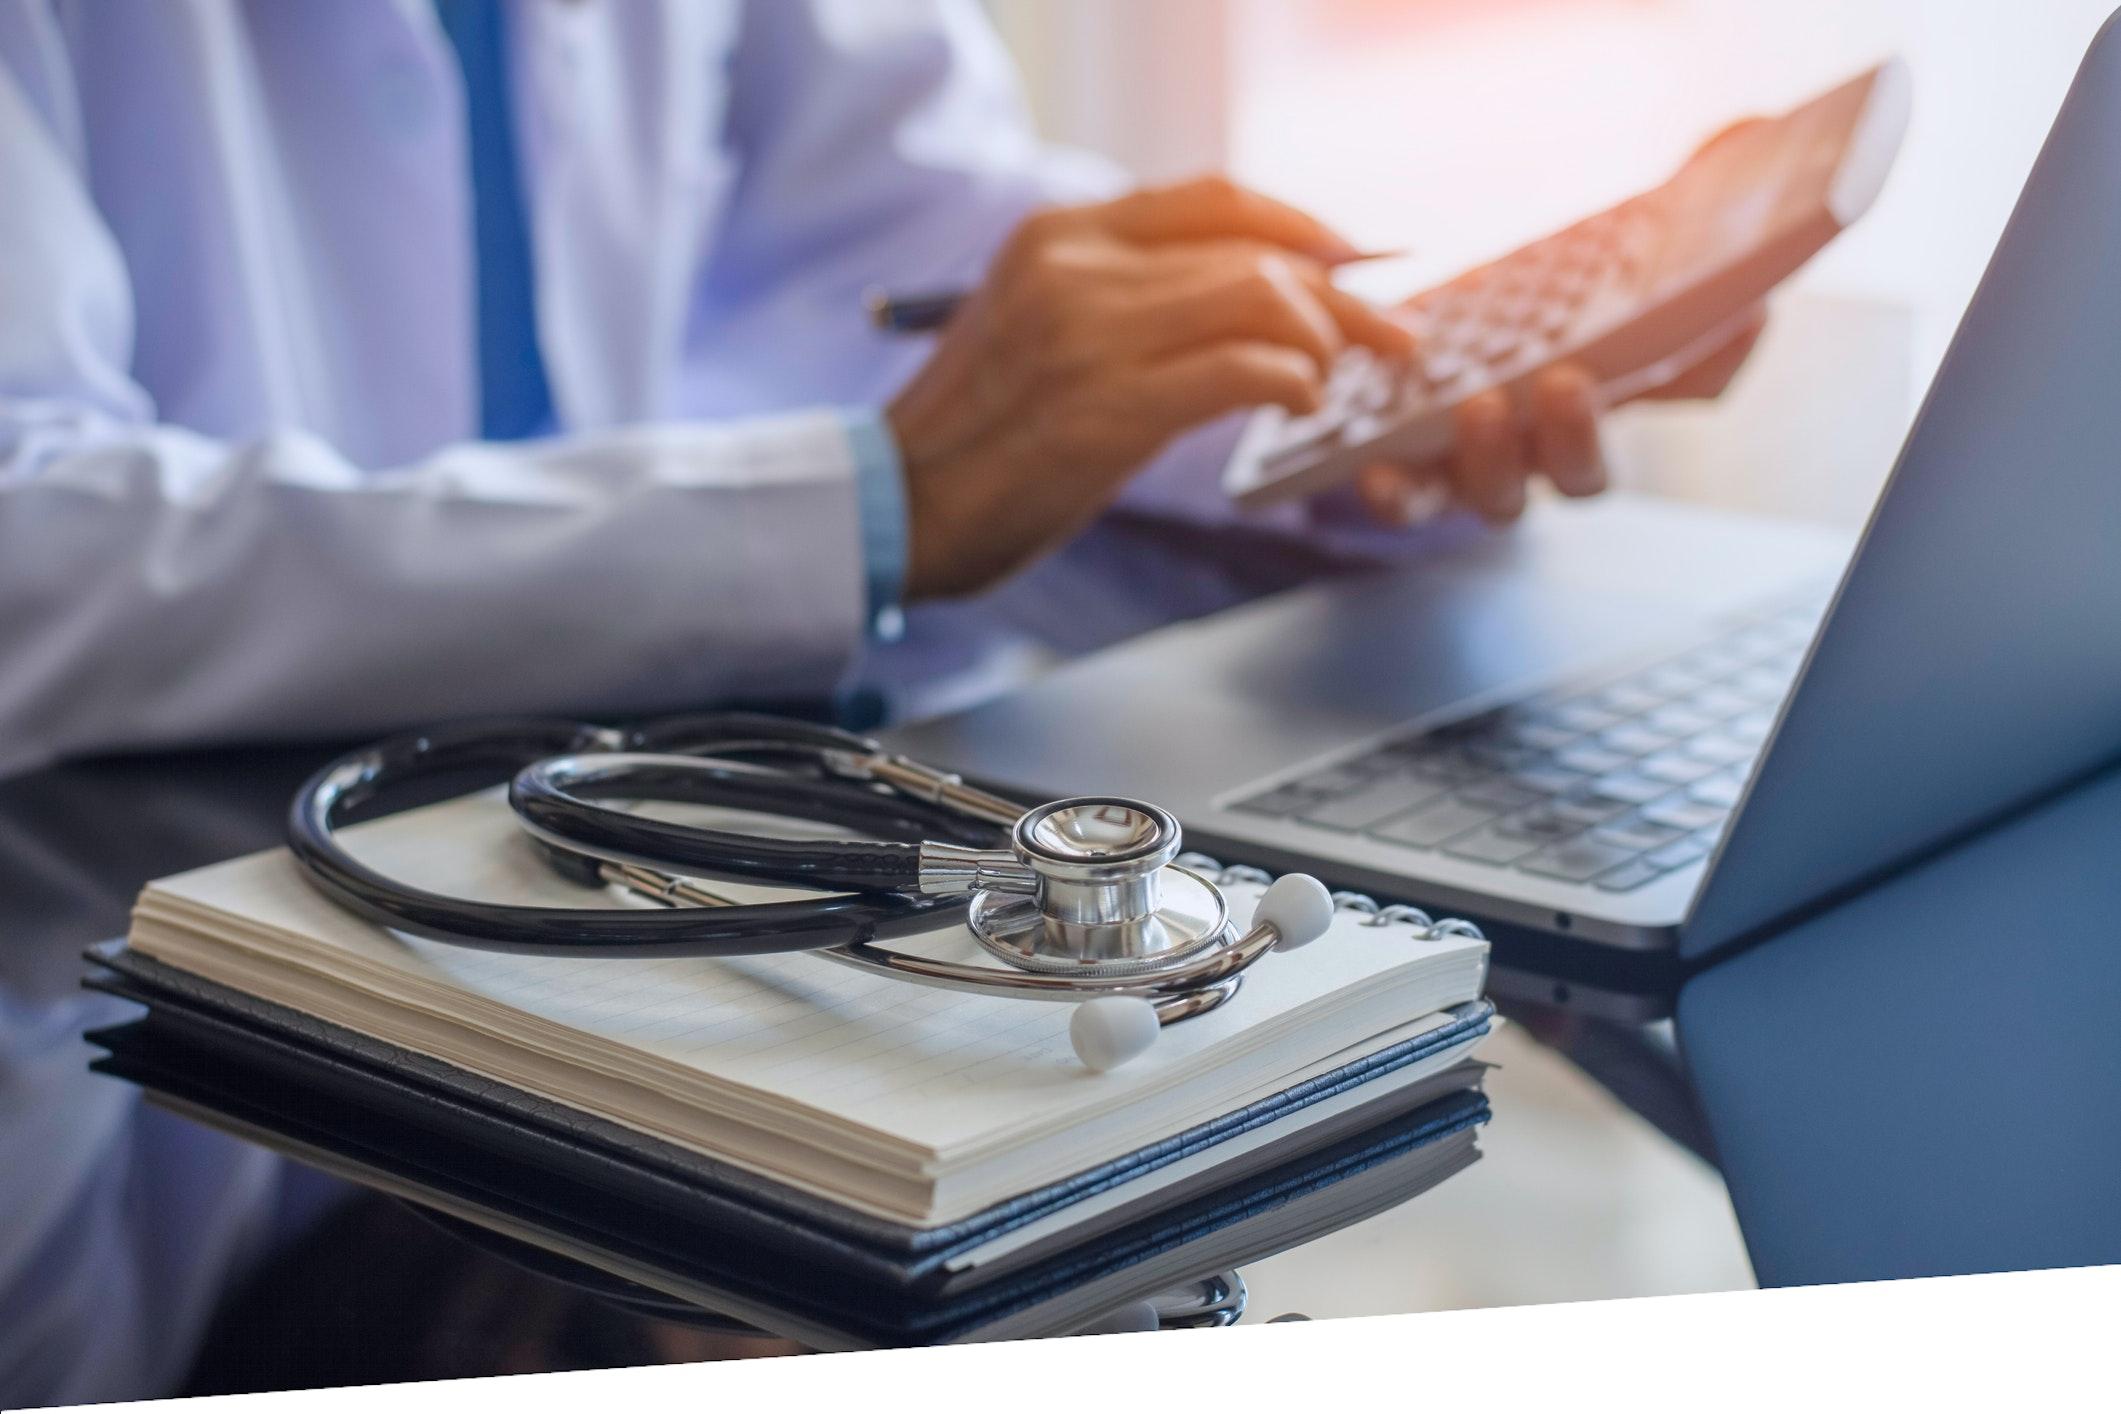 Facharzt rechnet mit Taschenrechner sein Gehalt aus